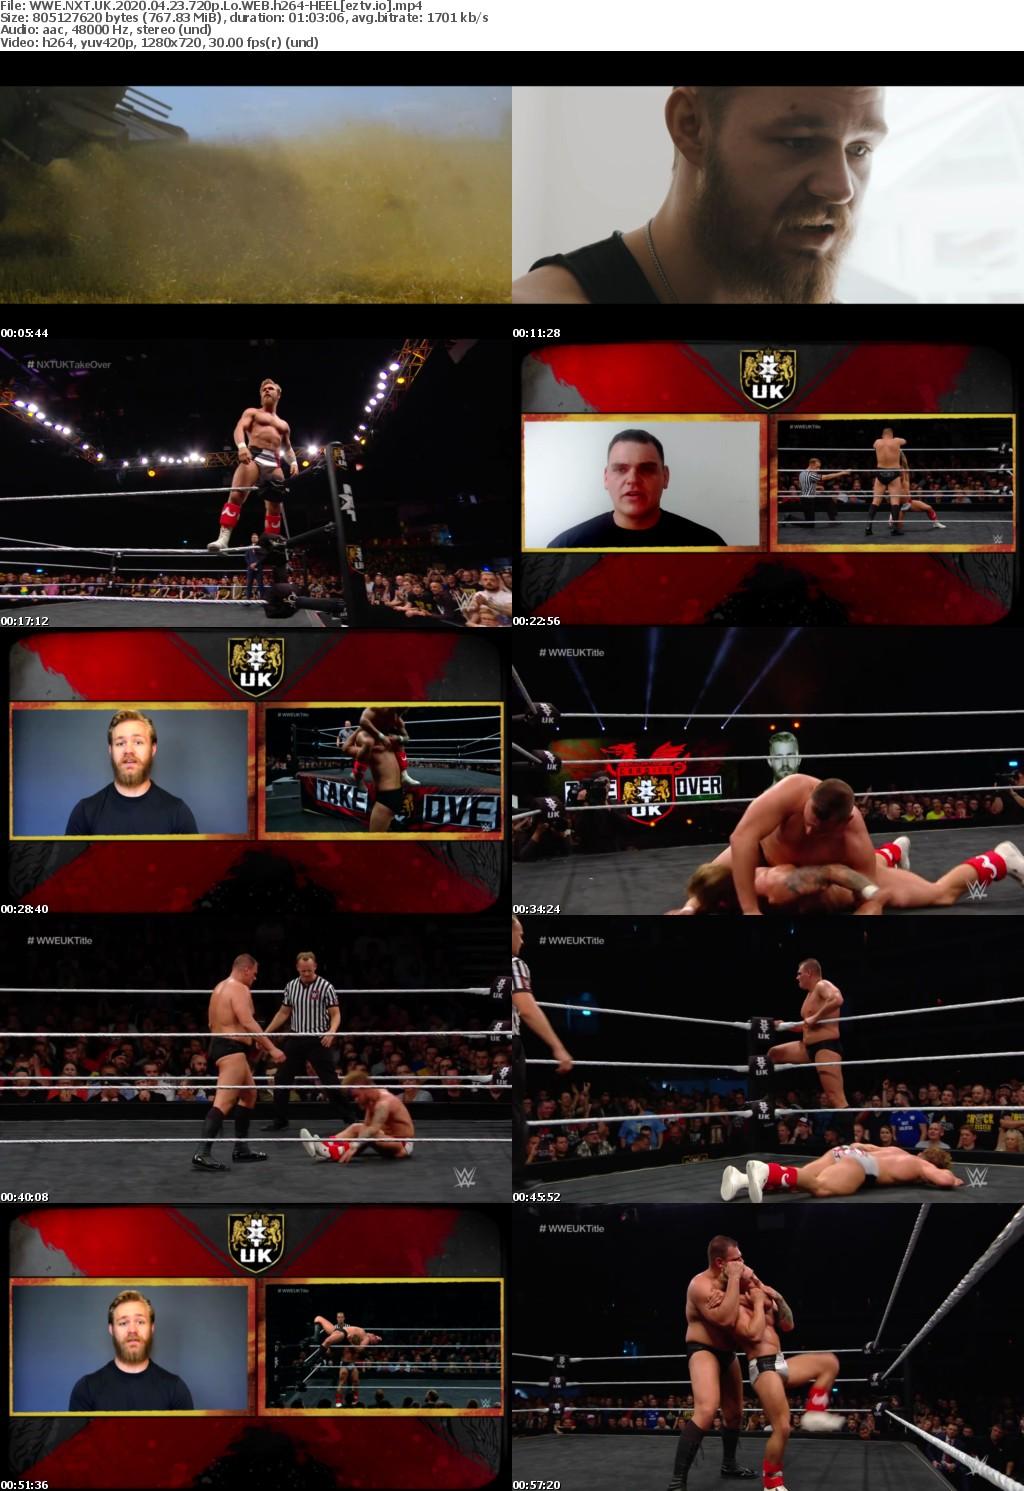 WWE NXT UK 2020 04 23 720p Lo WEB h264-HEEL